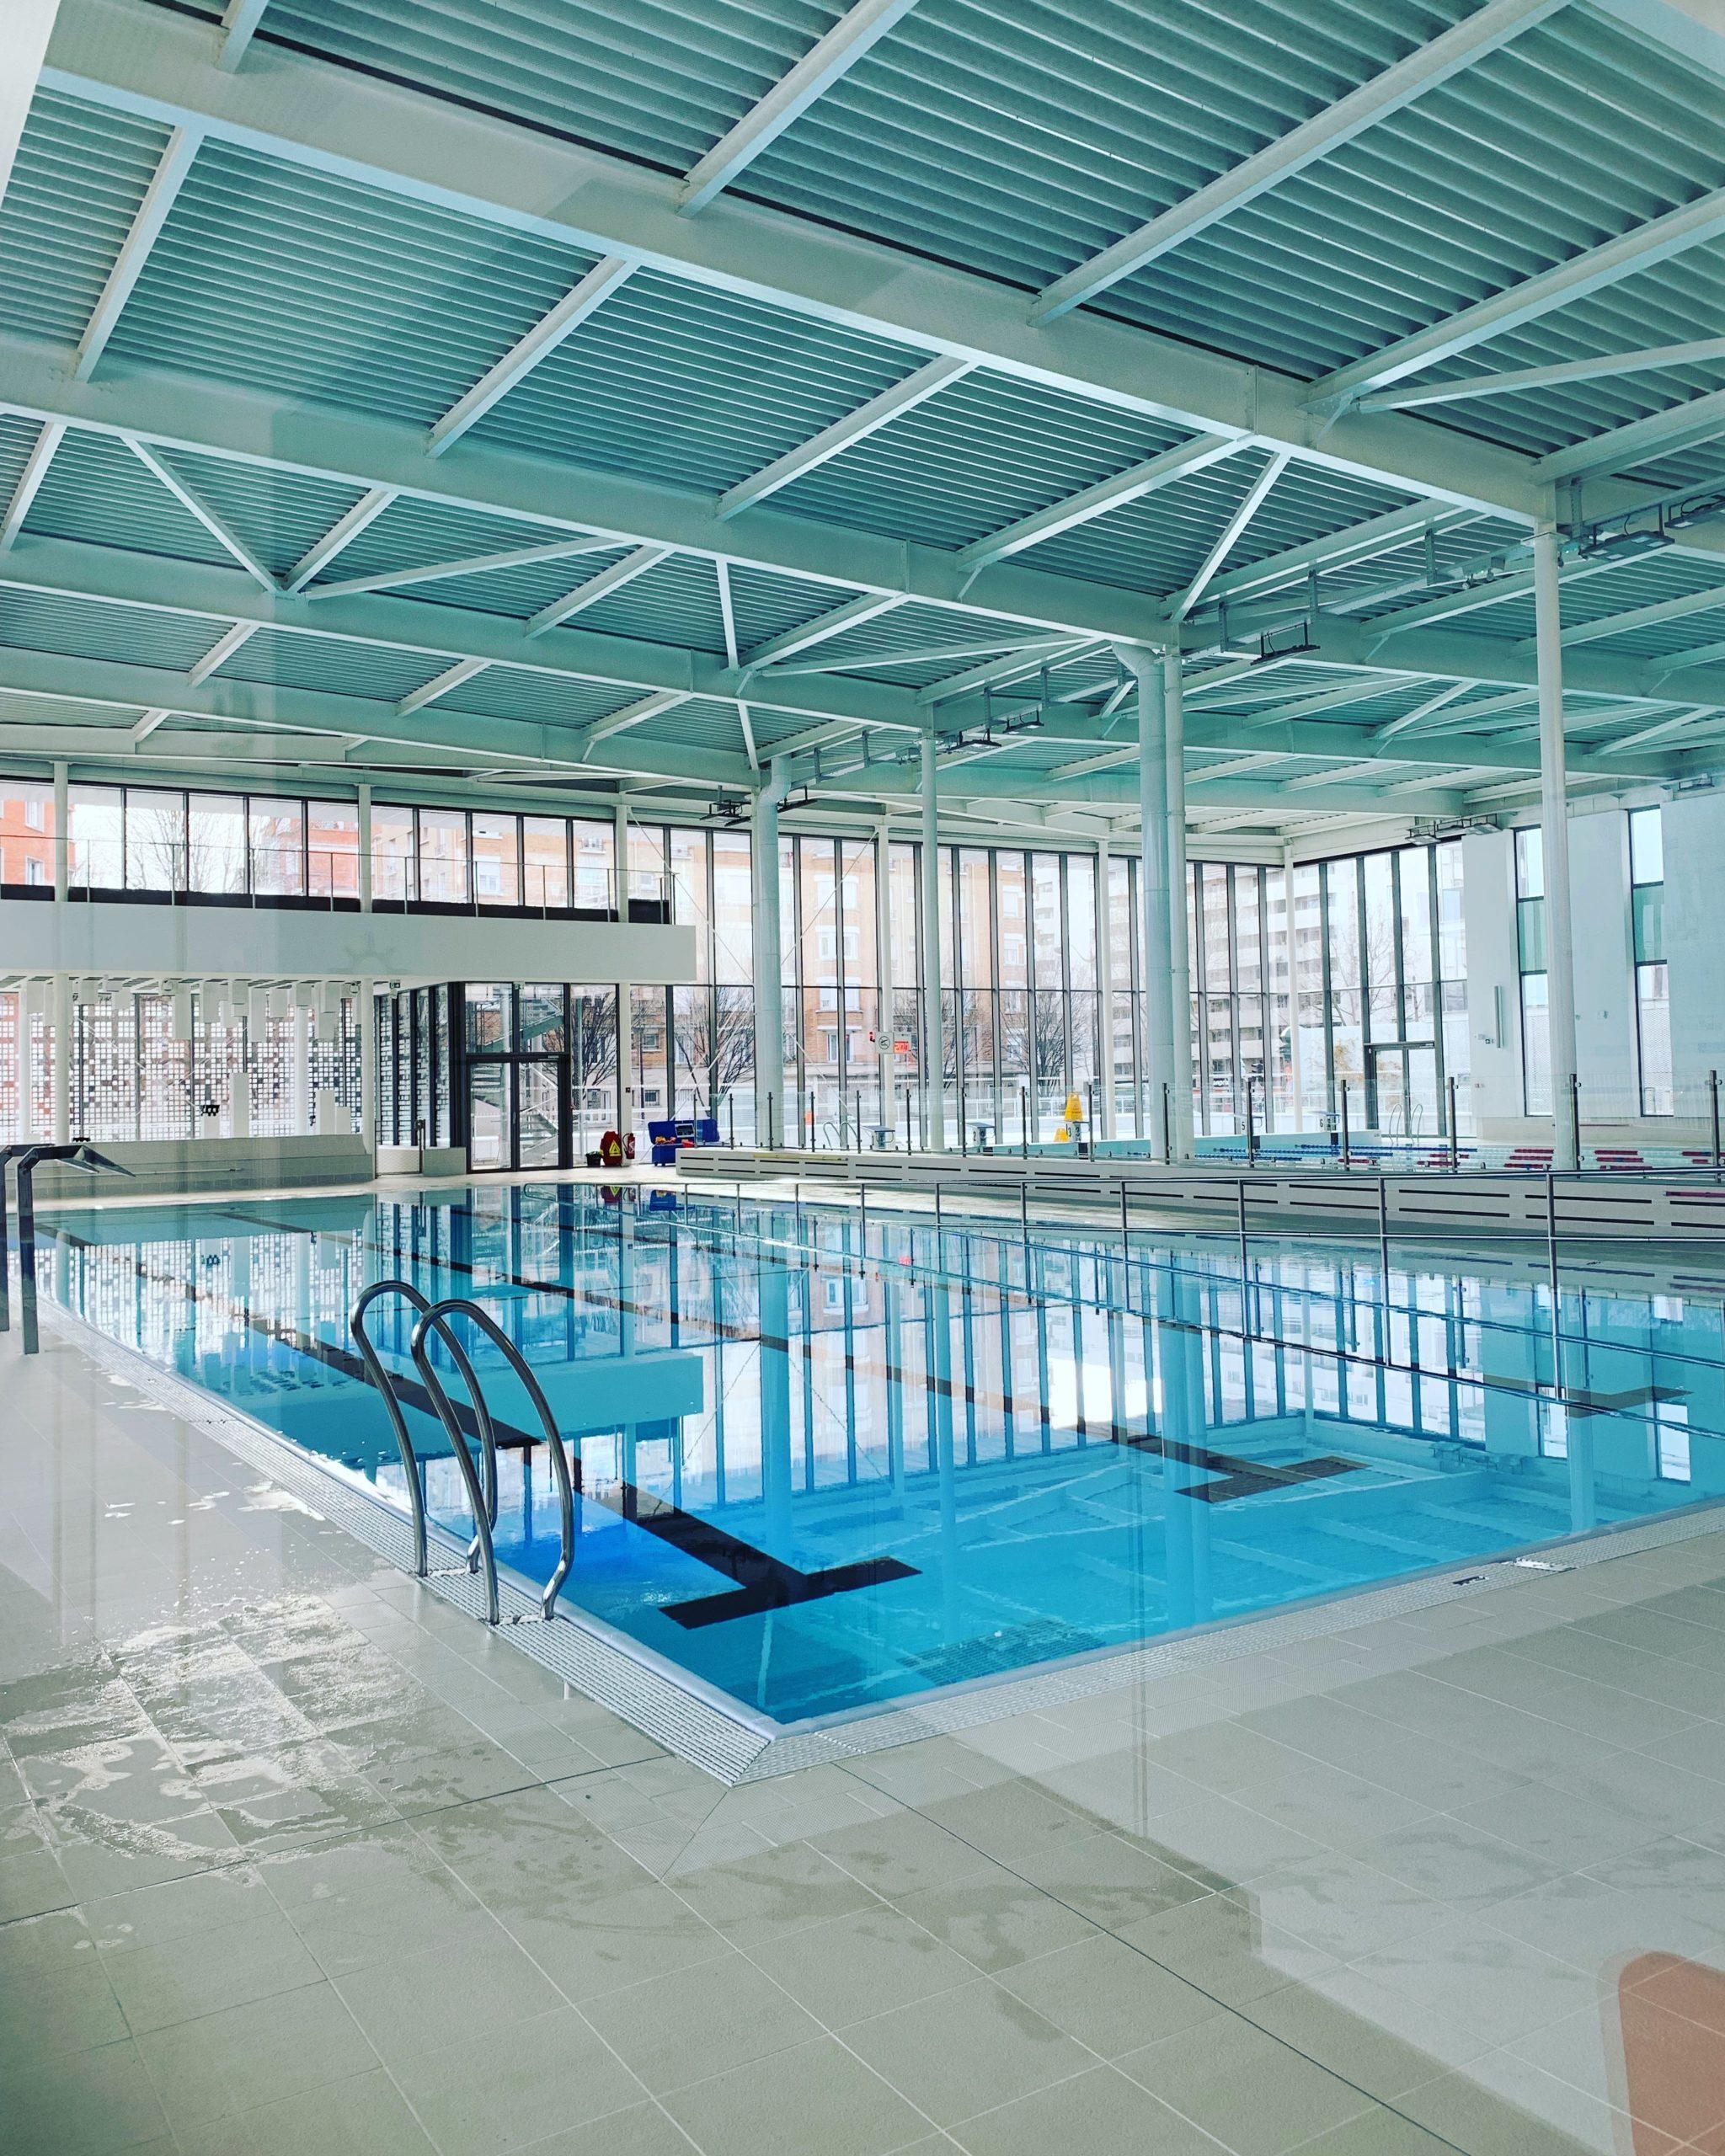 3 lieux où se baigner cet été dans le 20e